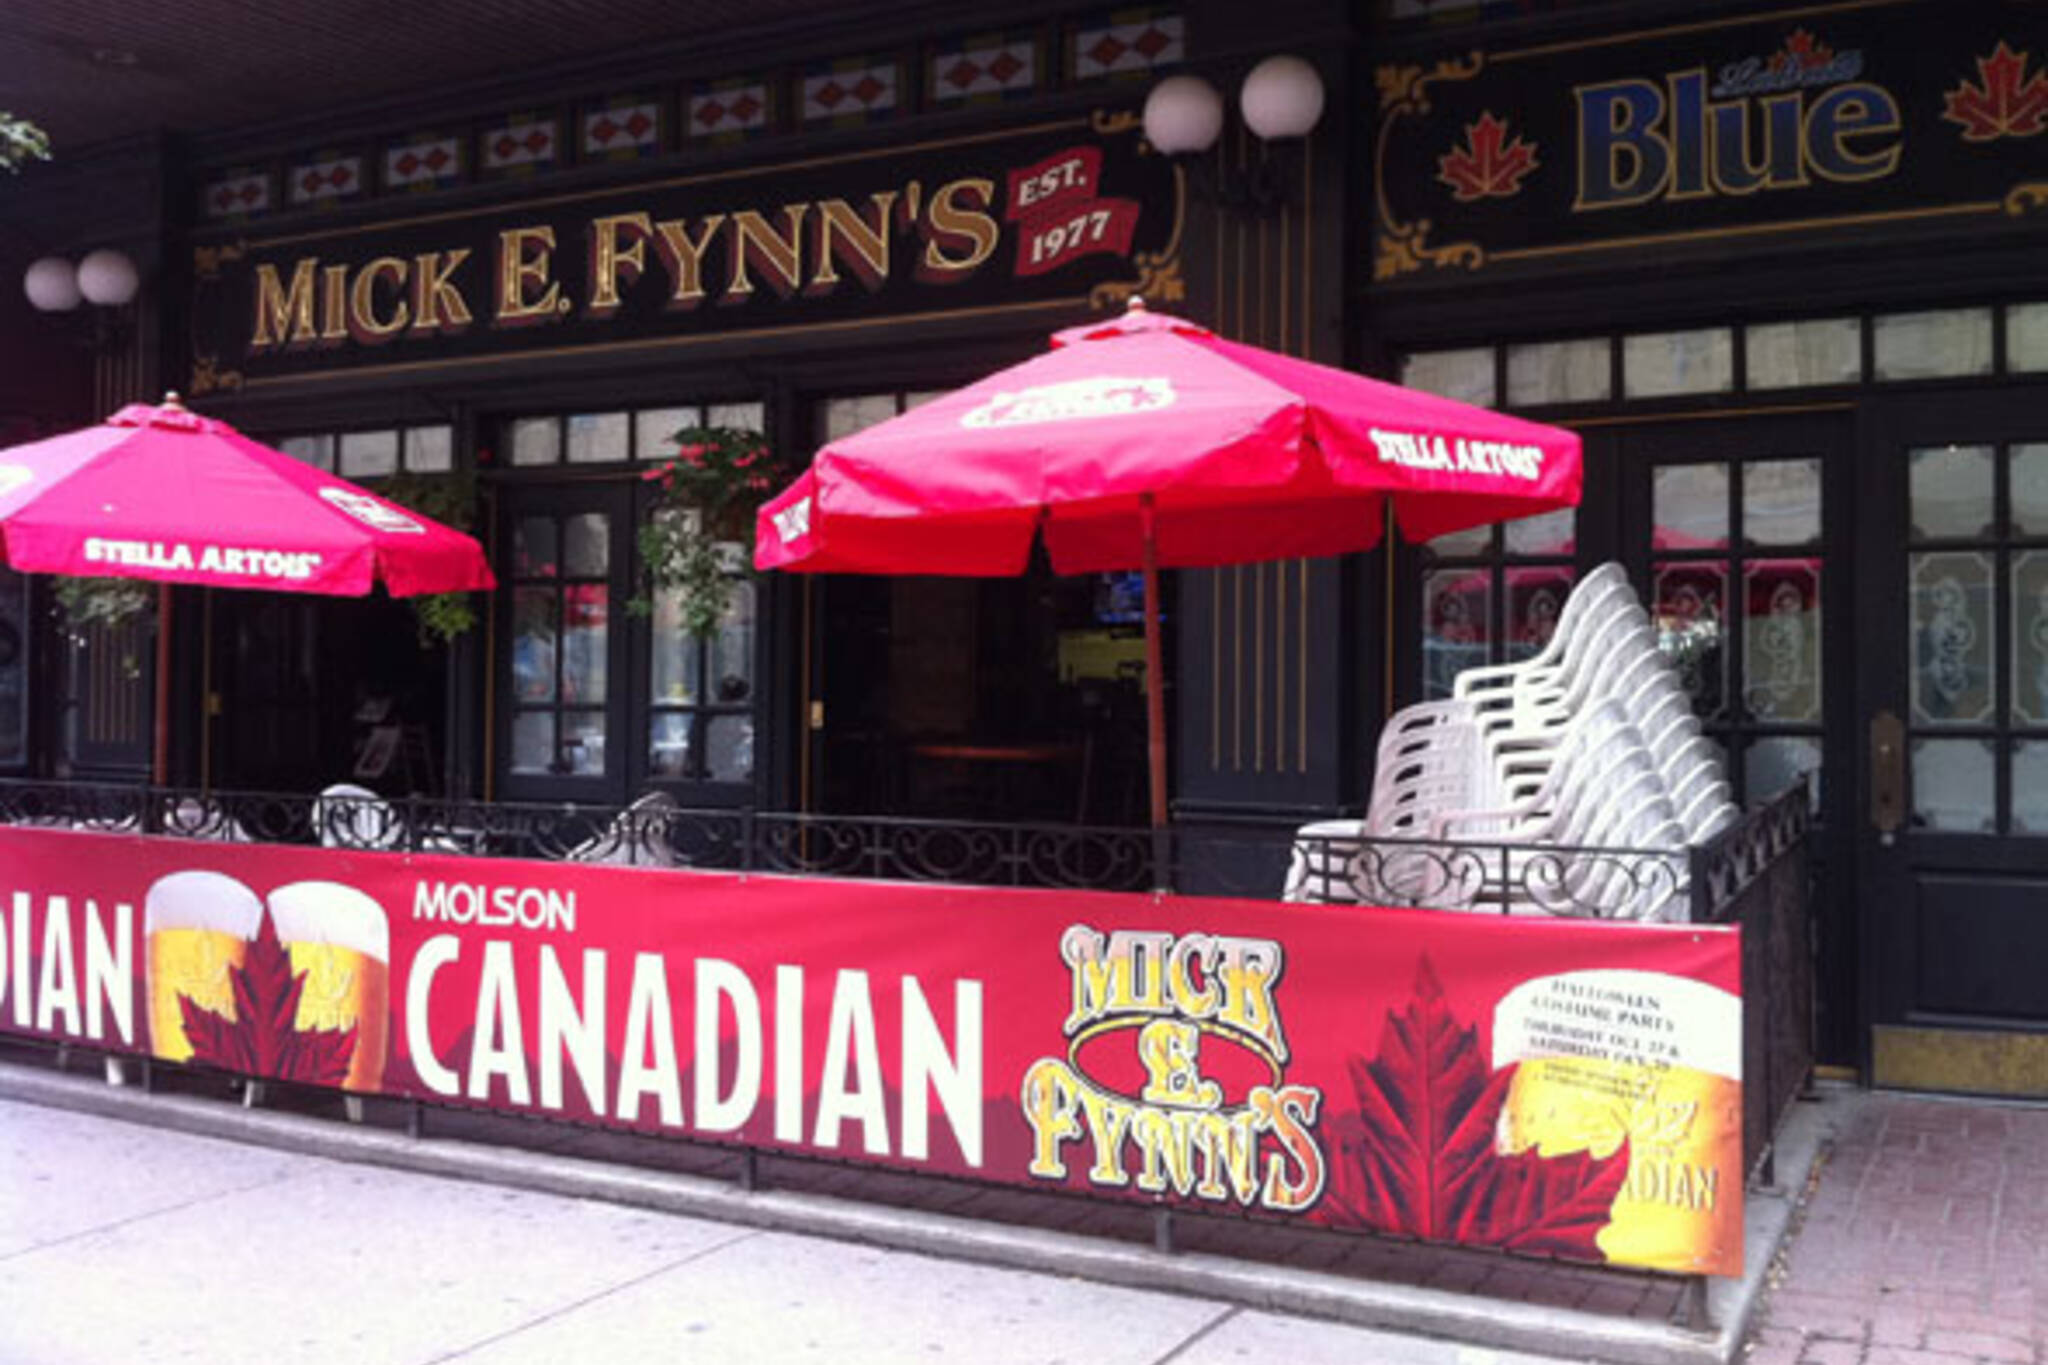 Mick E Fynn's Toronto